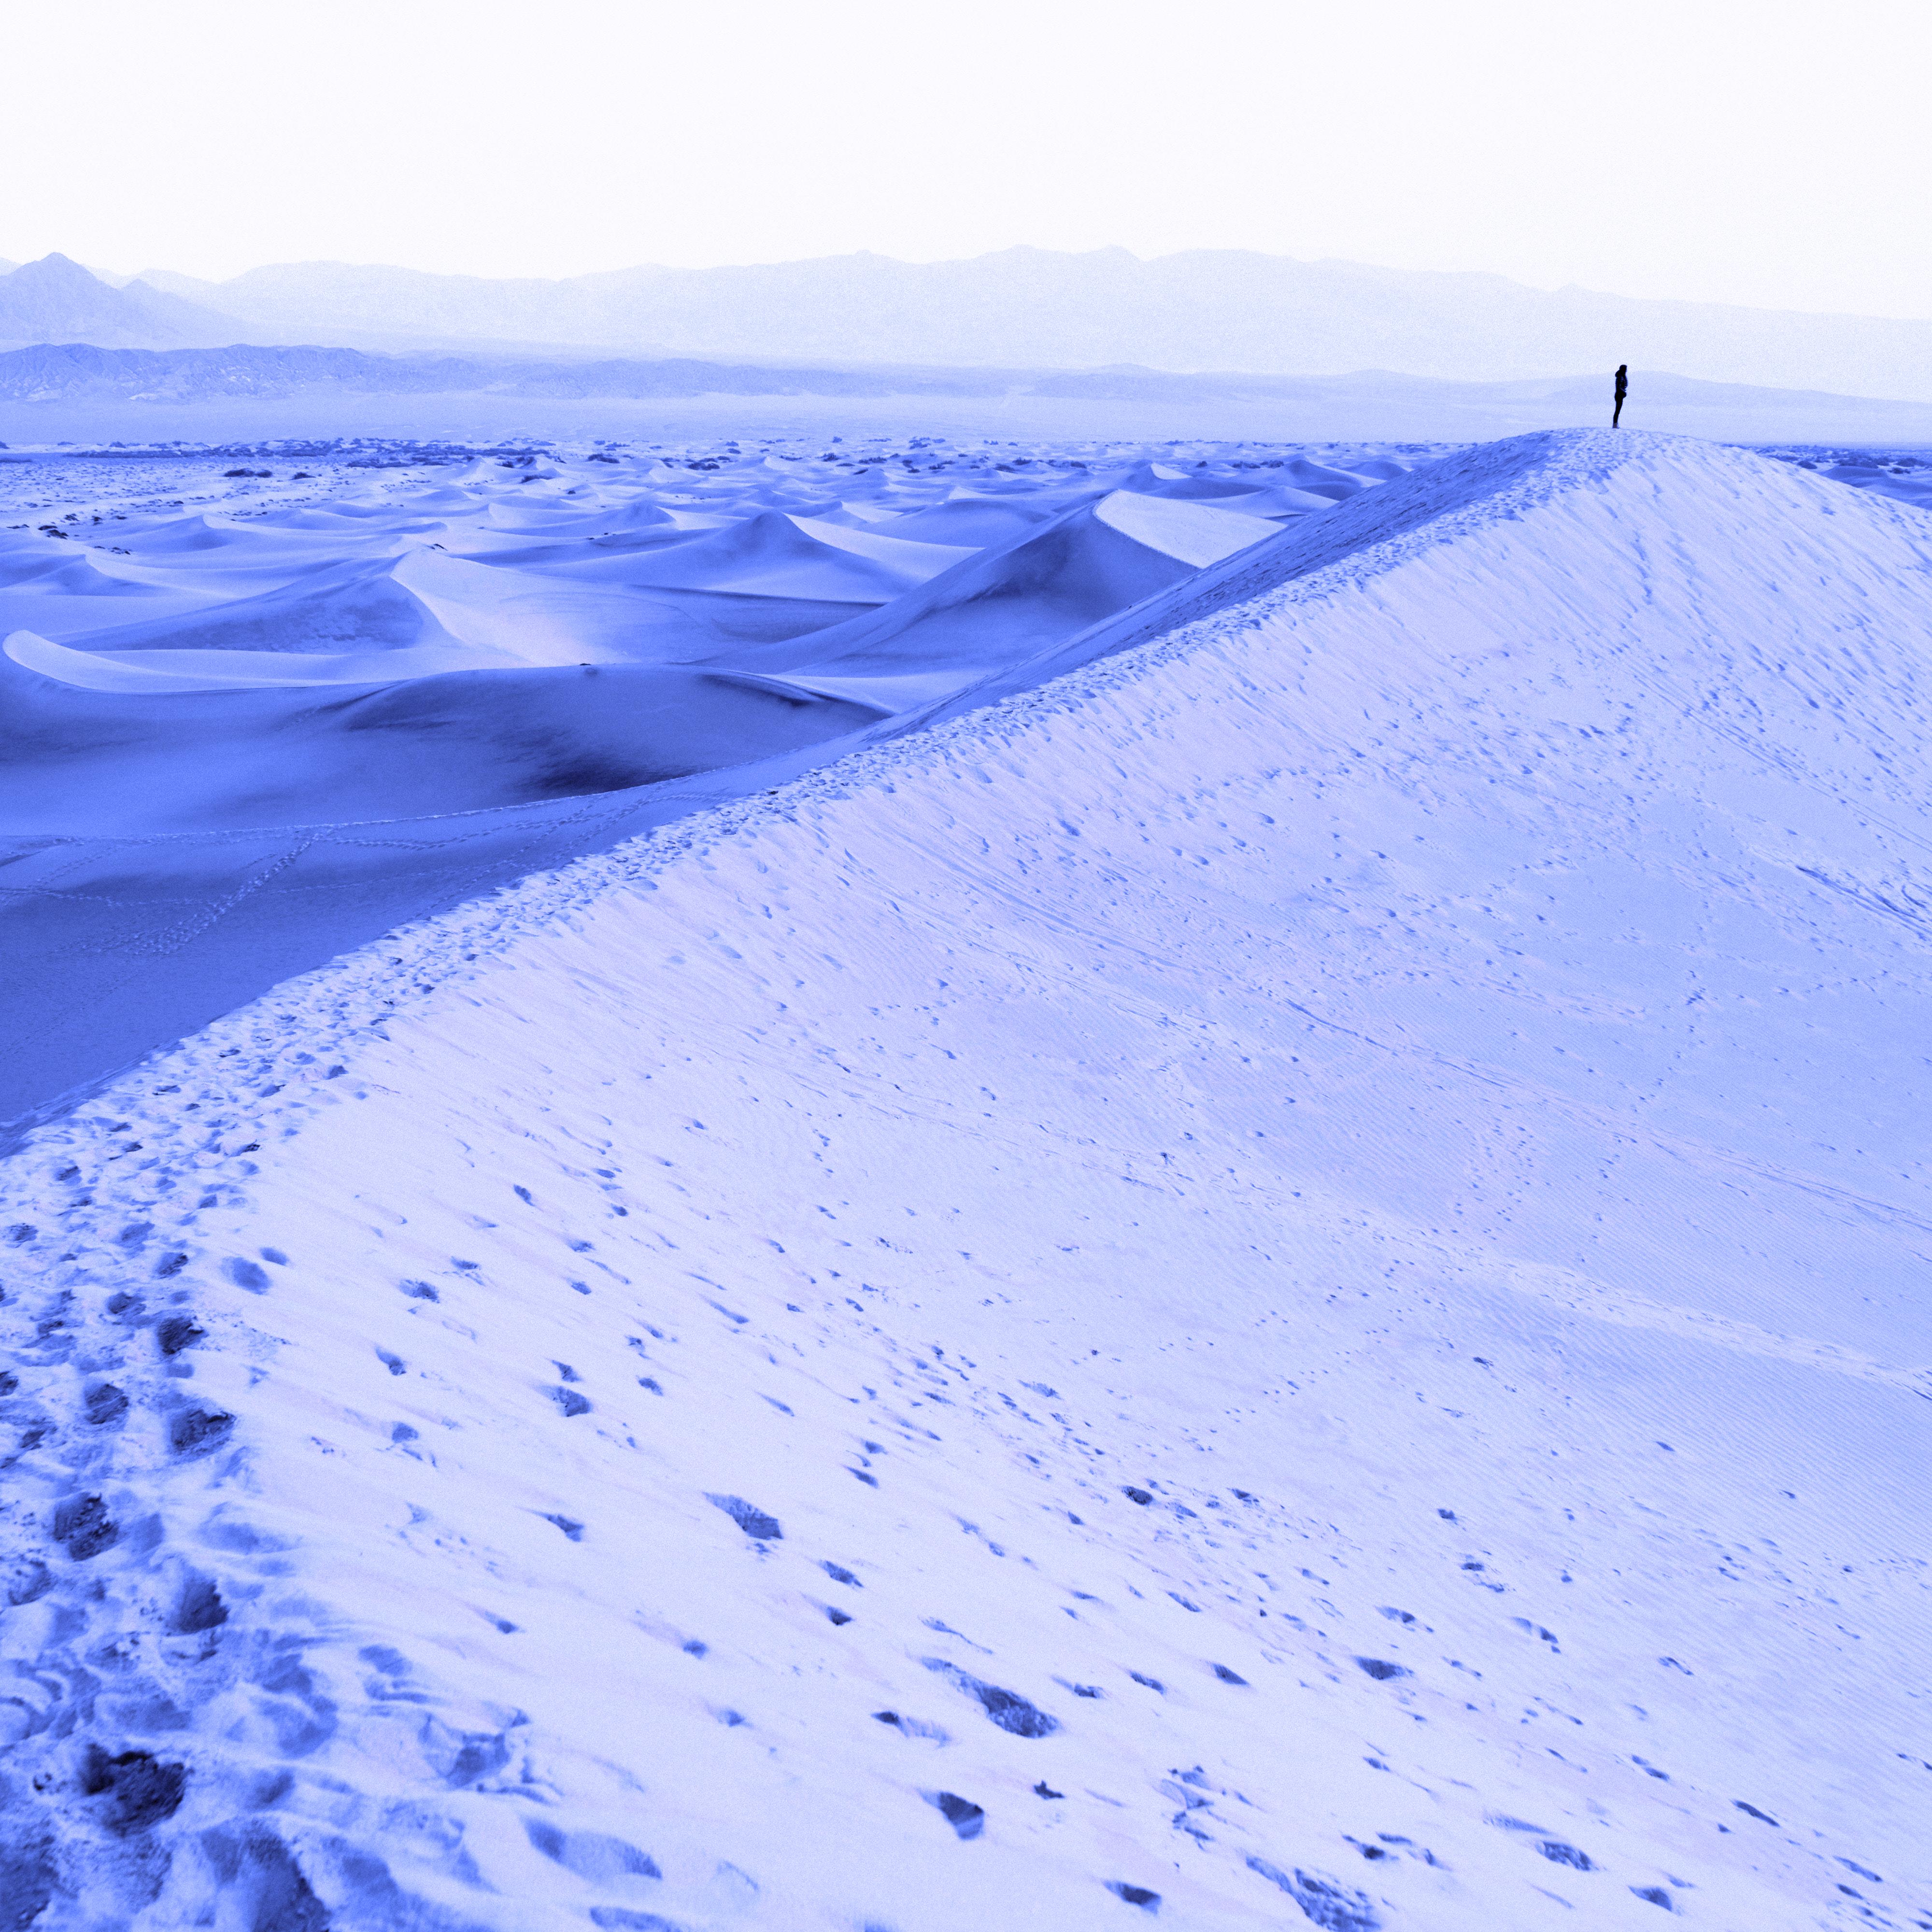 désert voyage conte initiatique